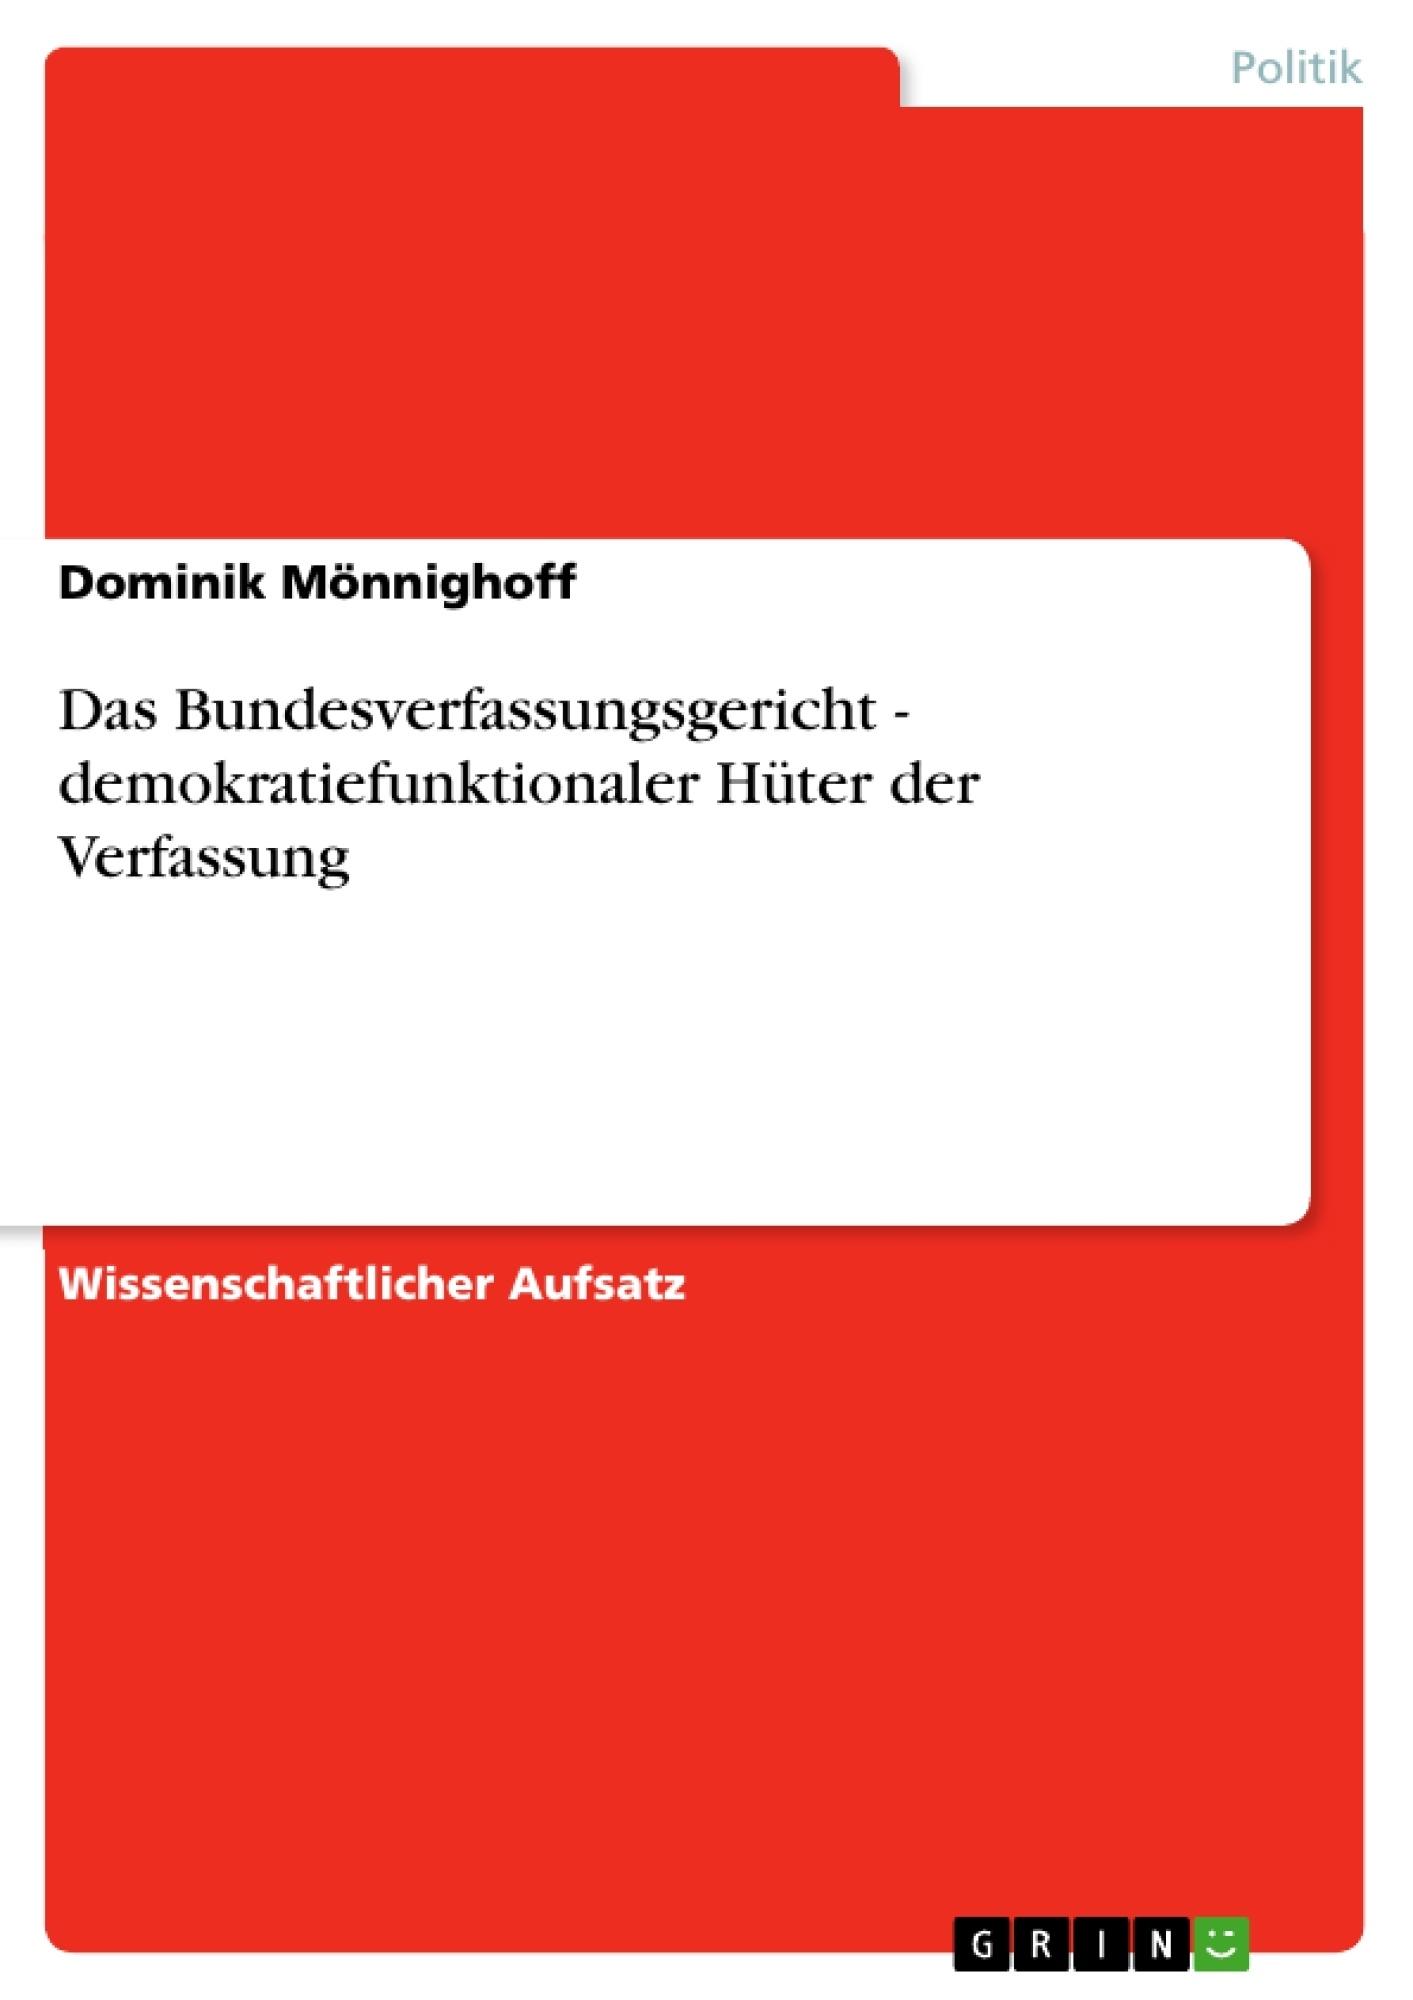 Titel: Das Bundesverfassungsgericht - demokratiefunktionaler Hüter der Verfassung